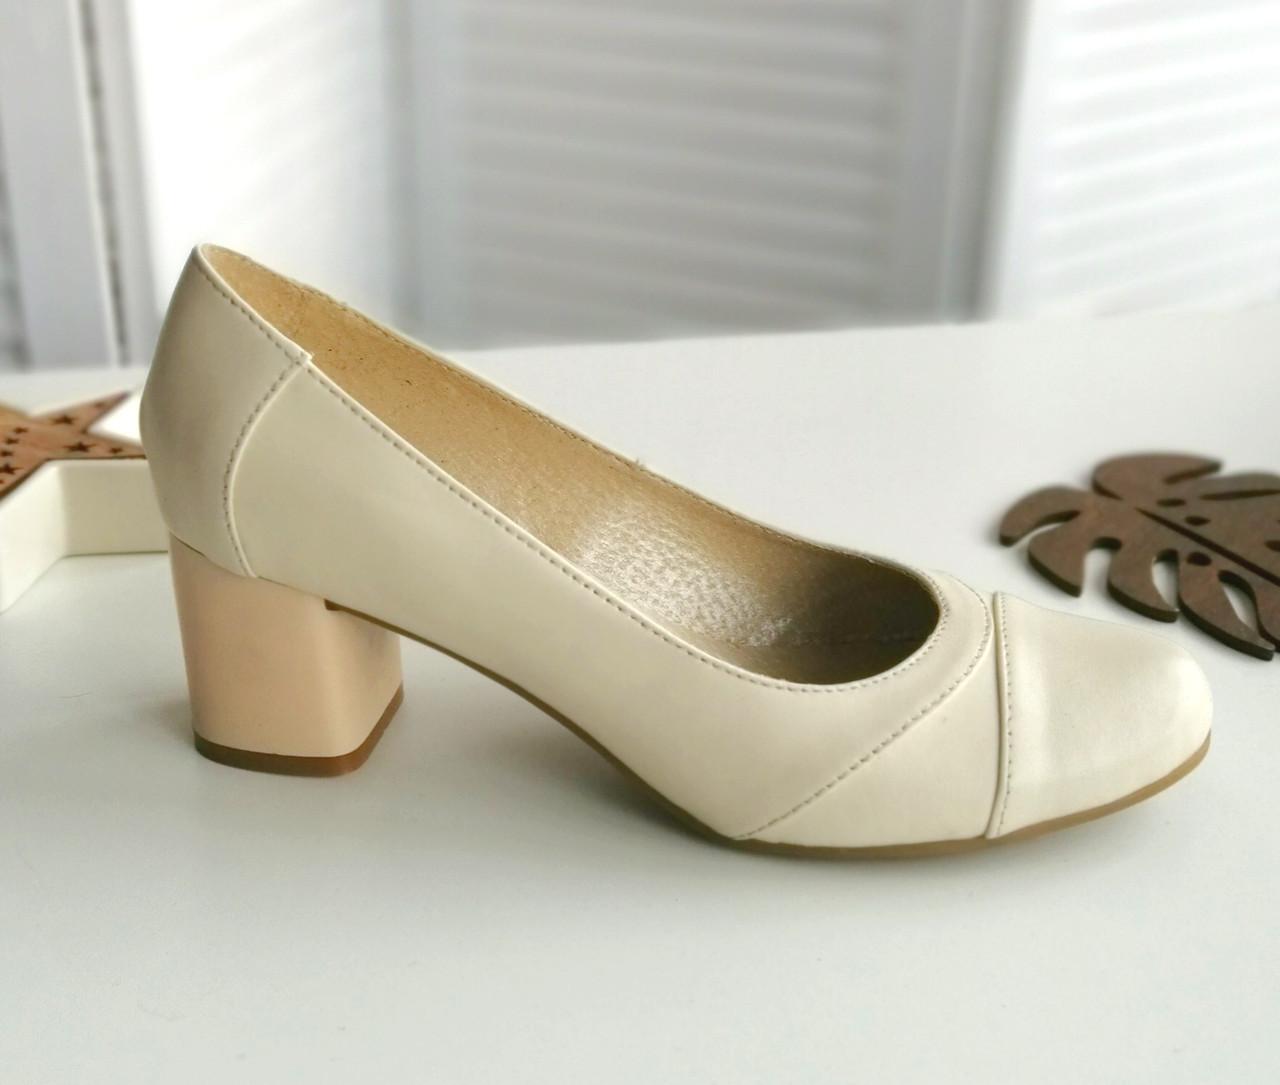 Бежевые женские туфли на широком каблуке. Обувь VISTANI.